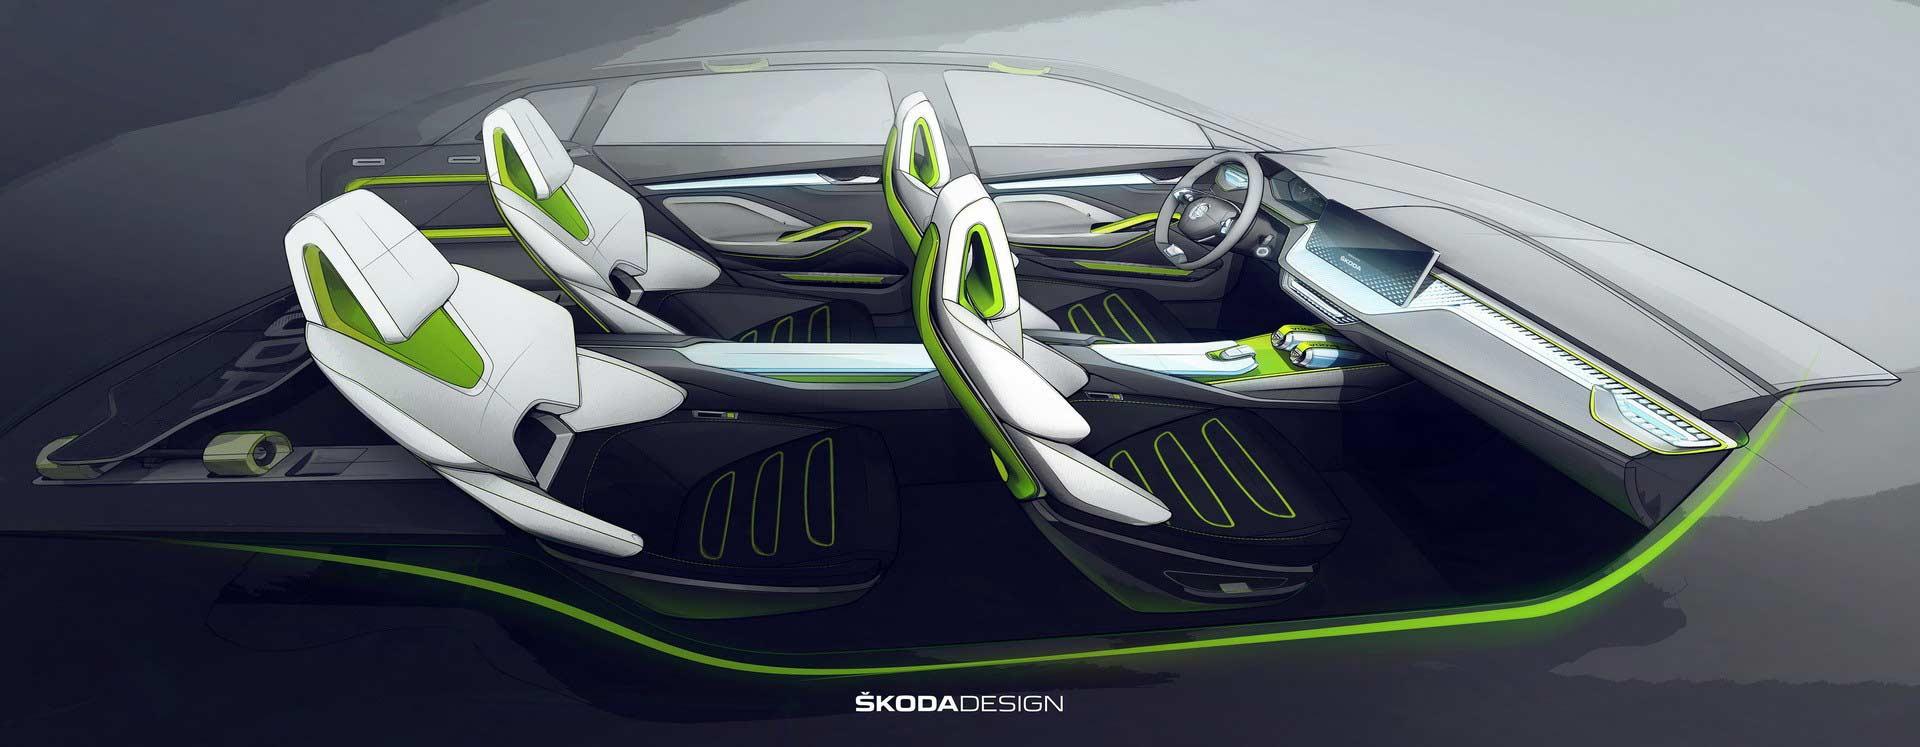 Skoda-Vision-X-concept-interior-sketch